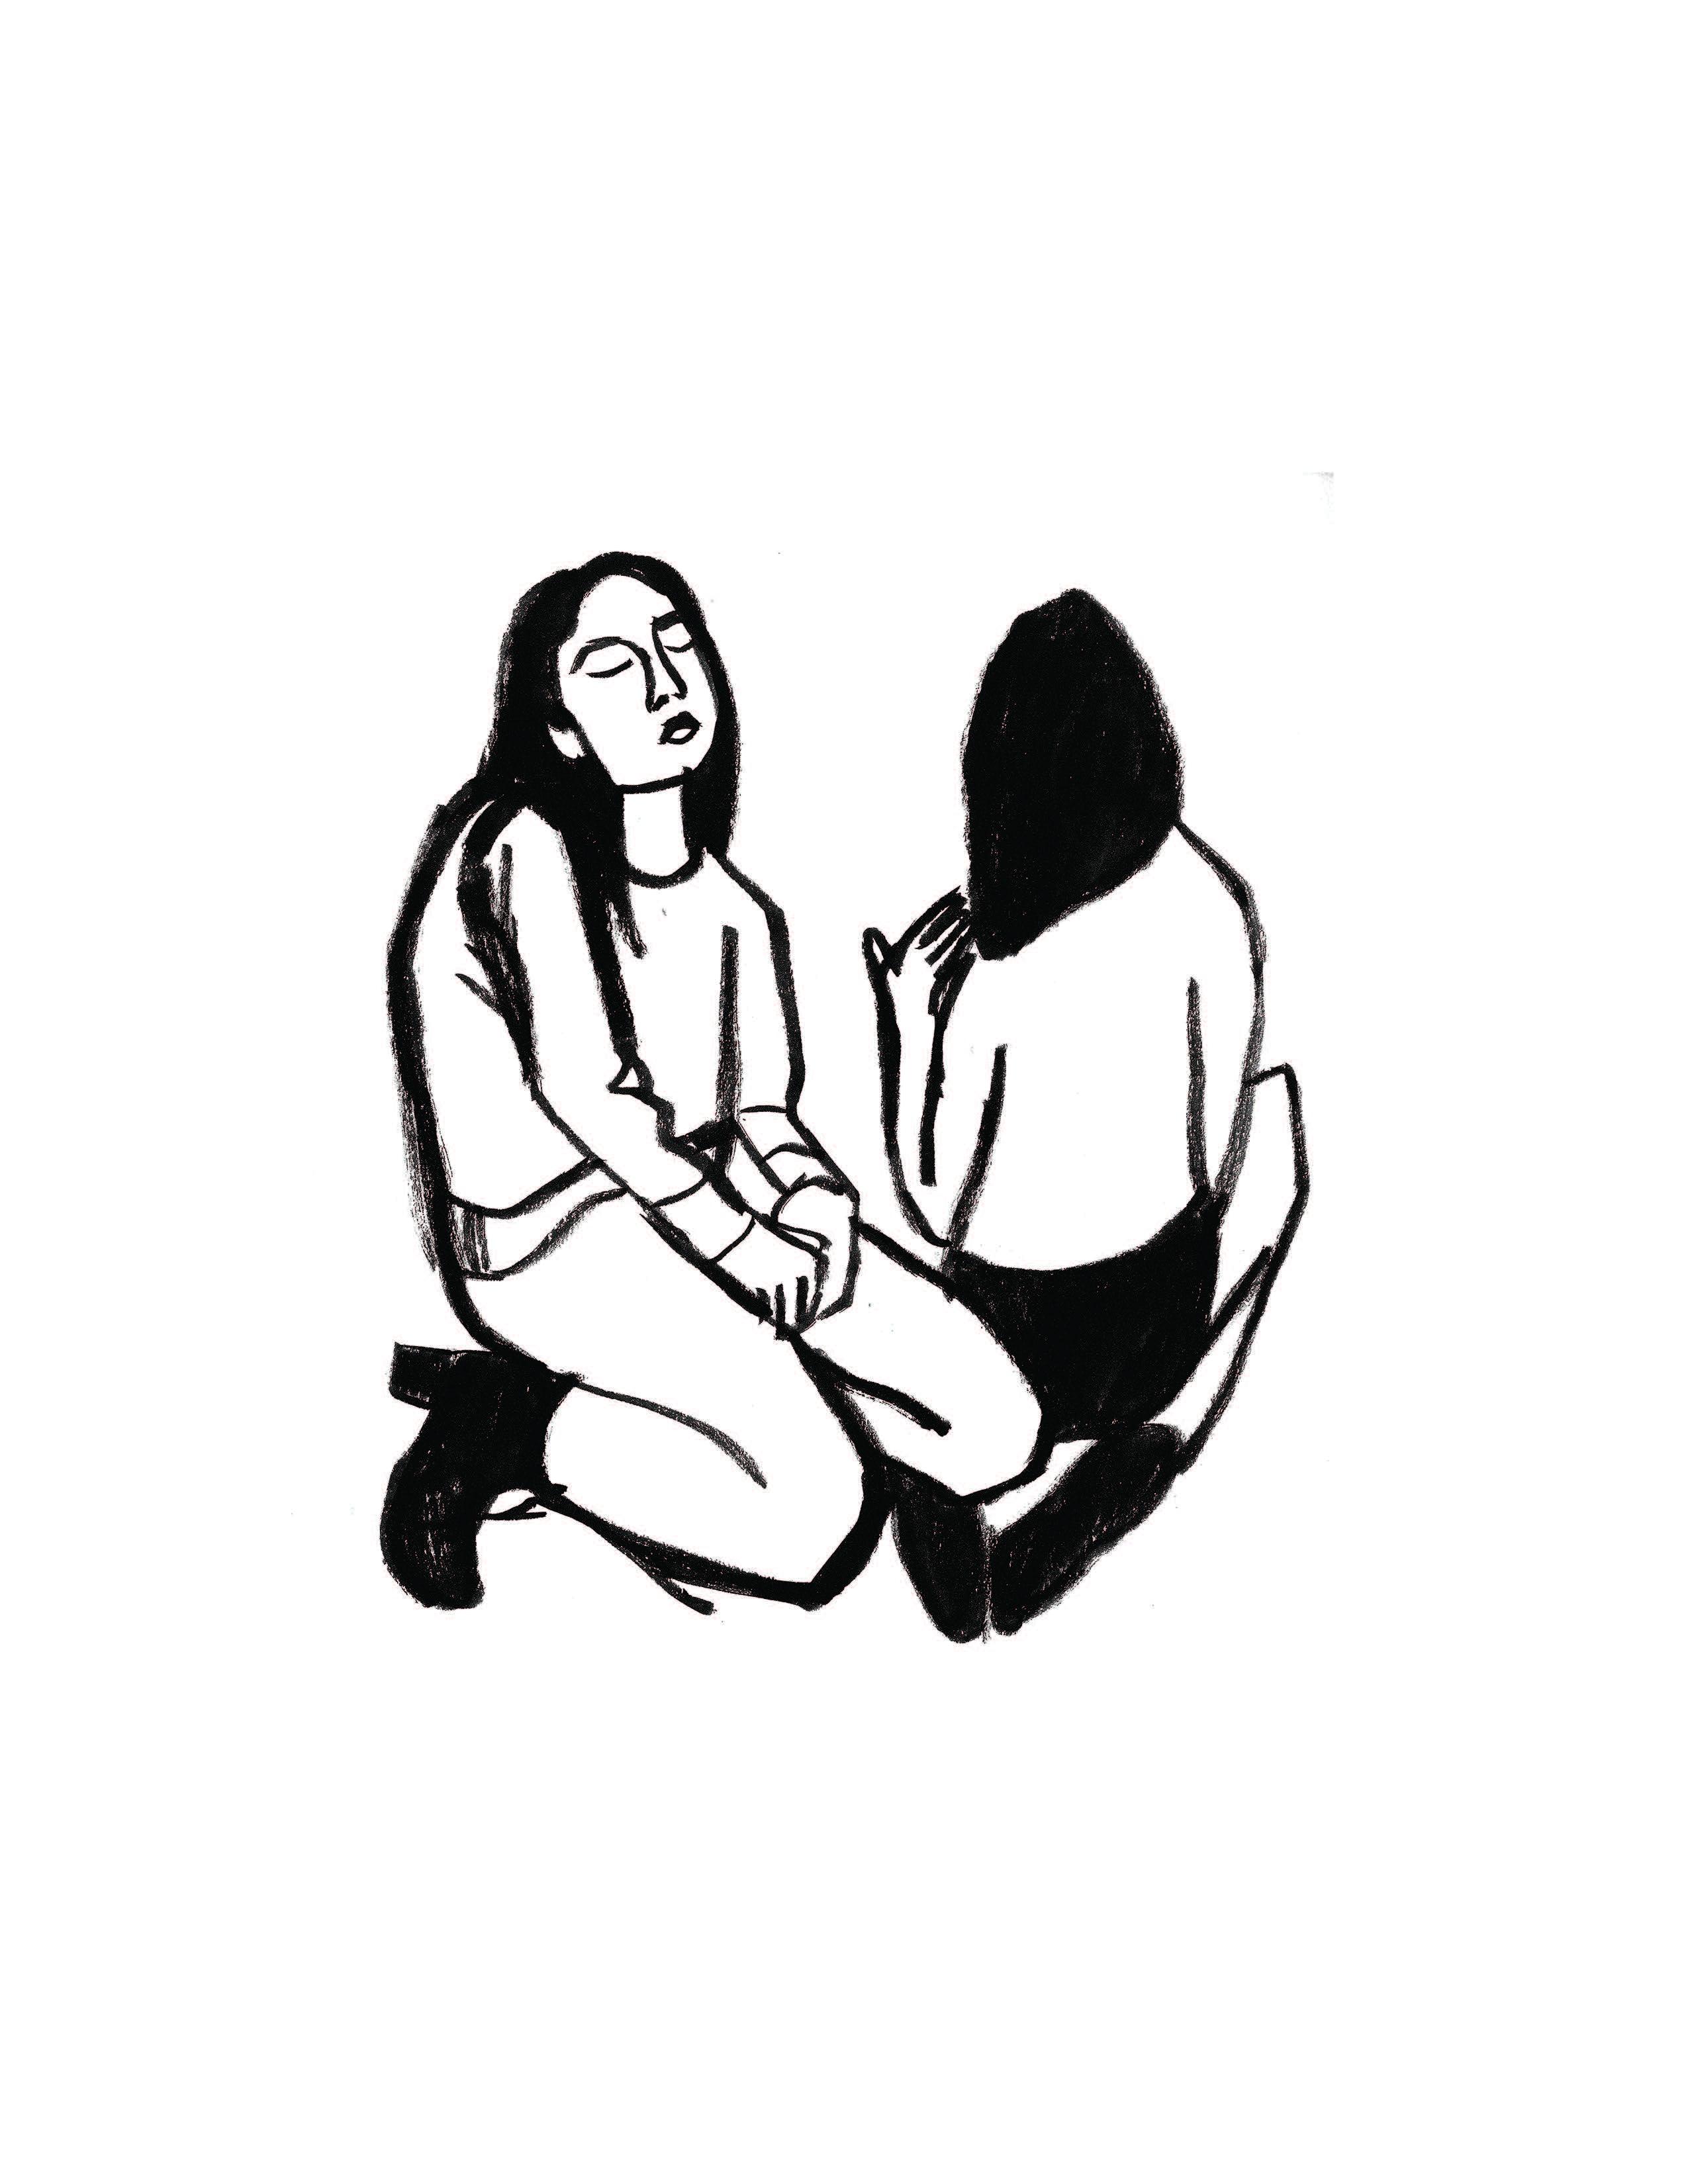 ladies_drawings_8.5x11_Page_20